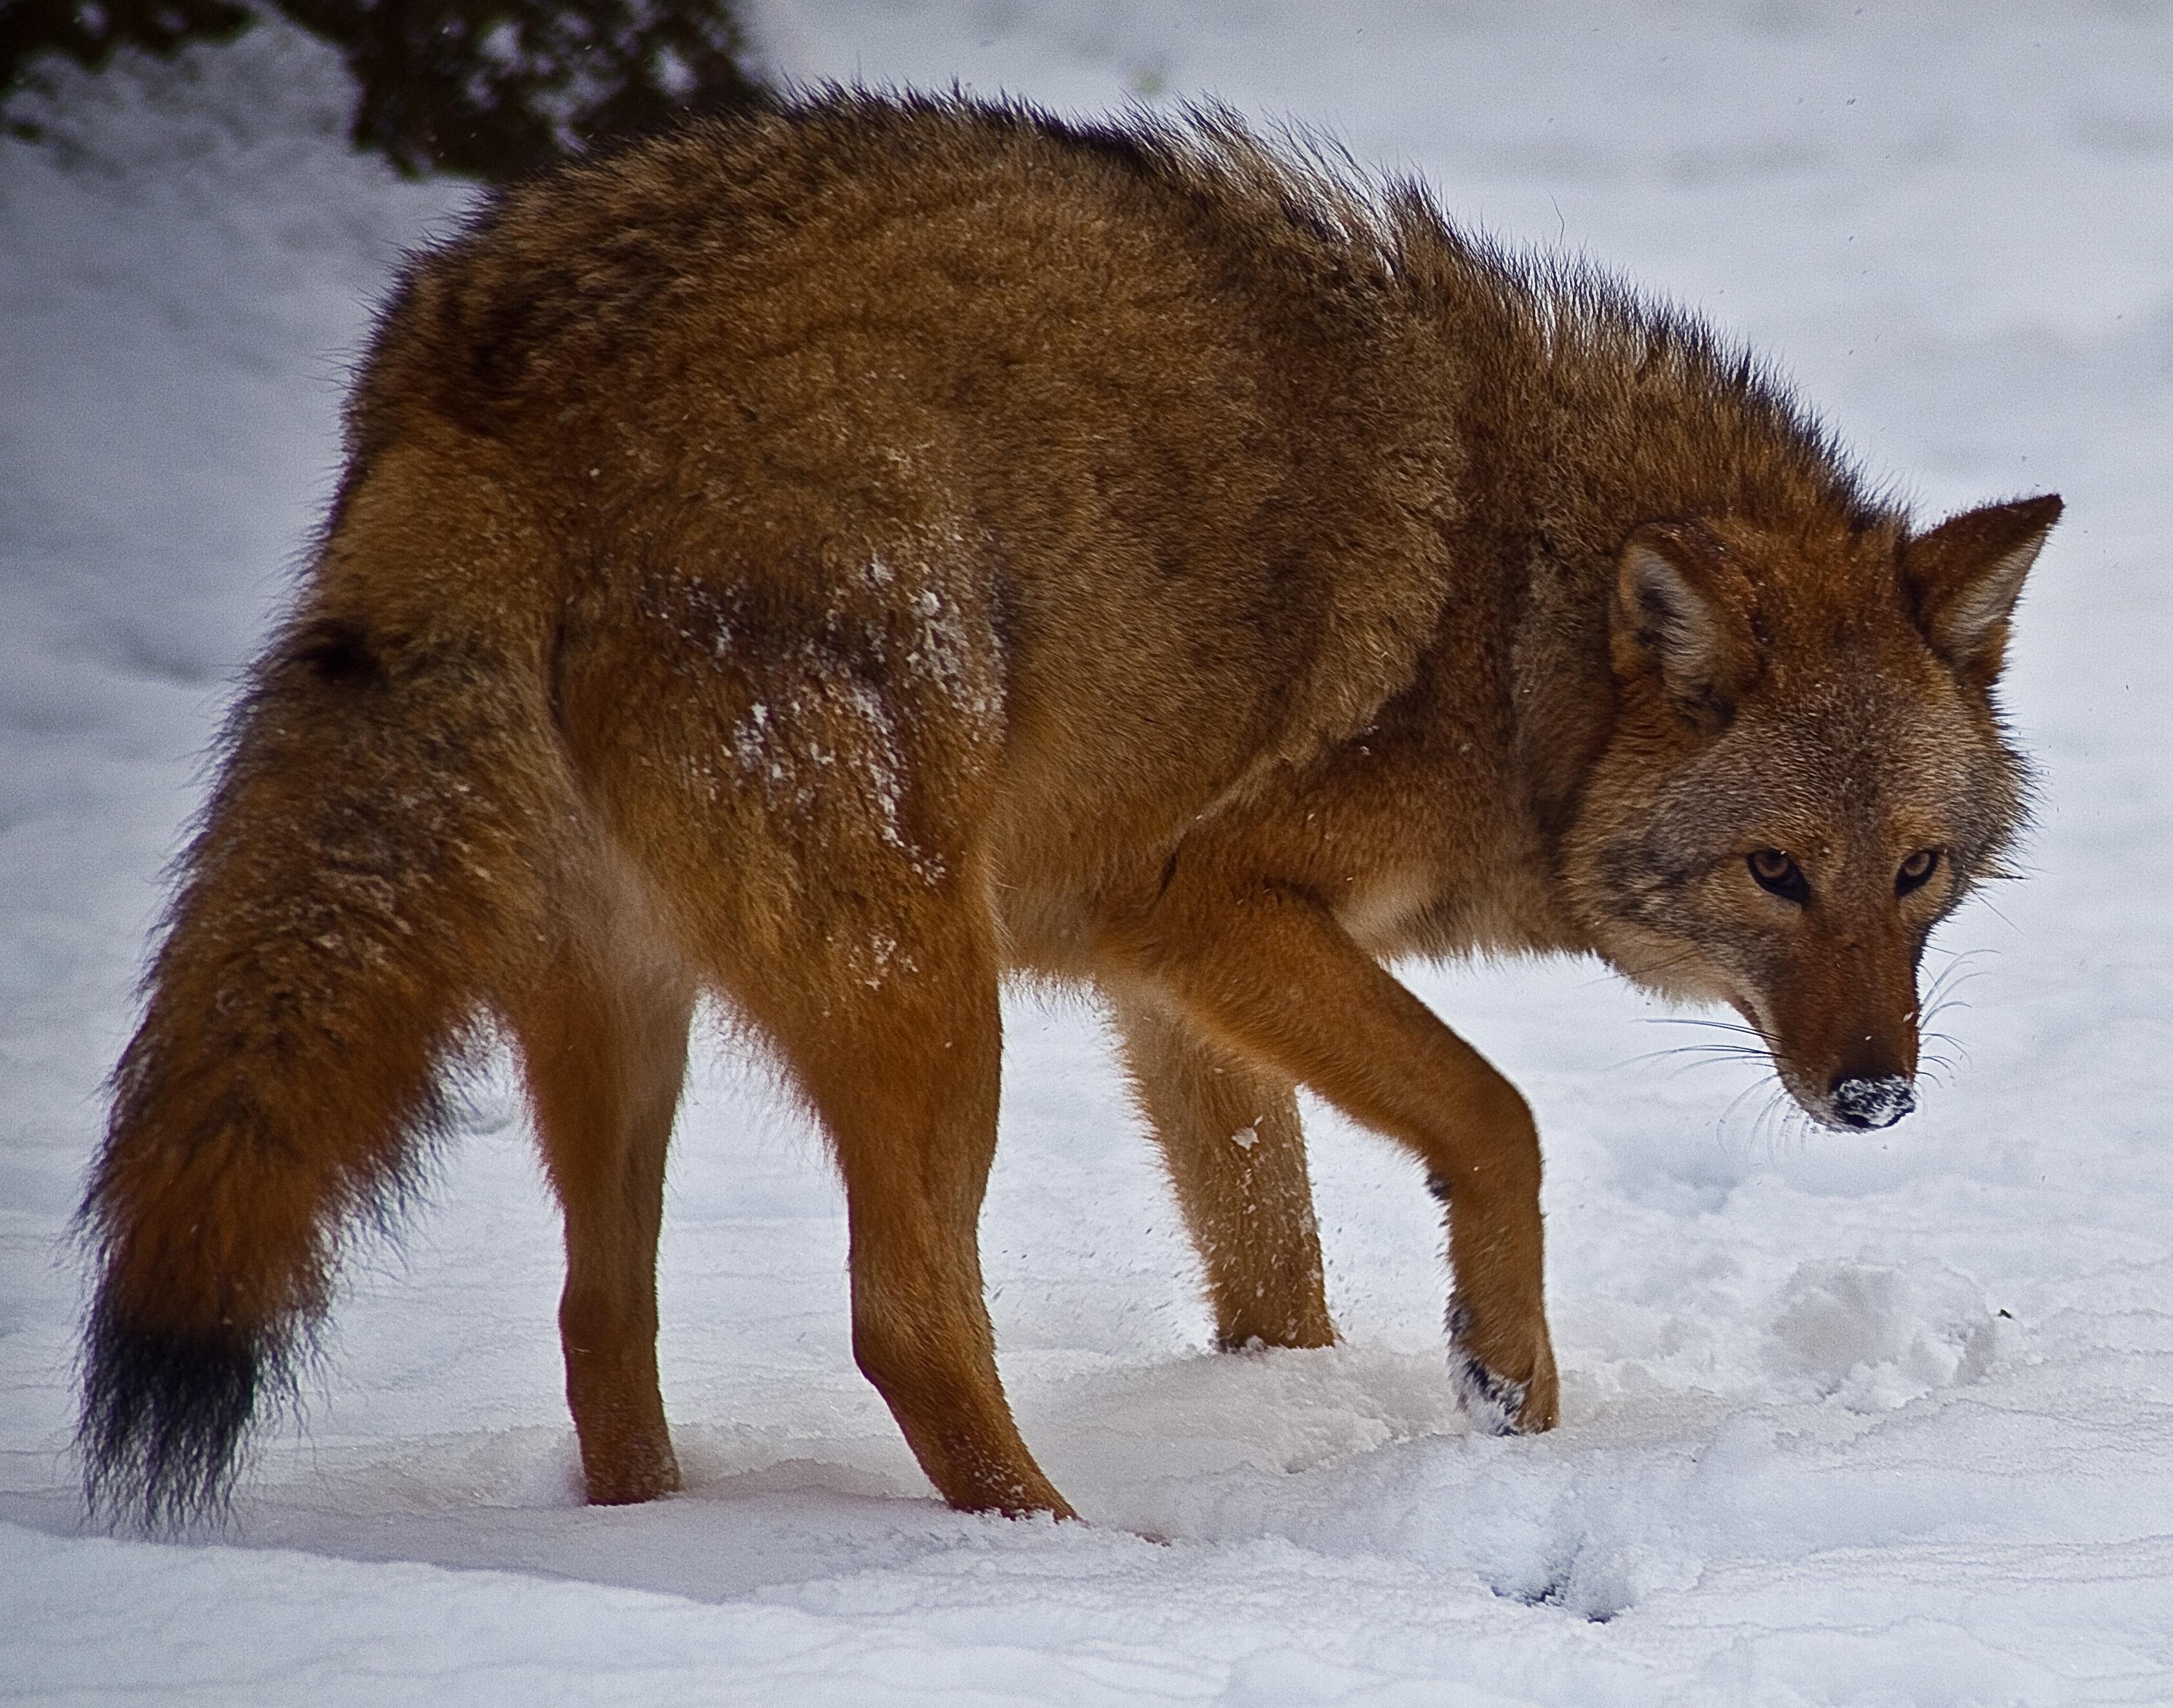 Coywolf: a szemünk láttára született egy új farkasfaj és már egymillió van belőle